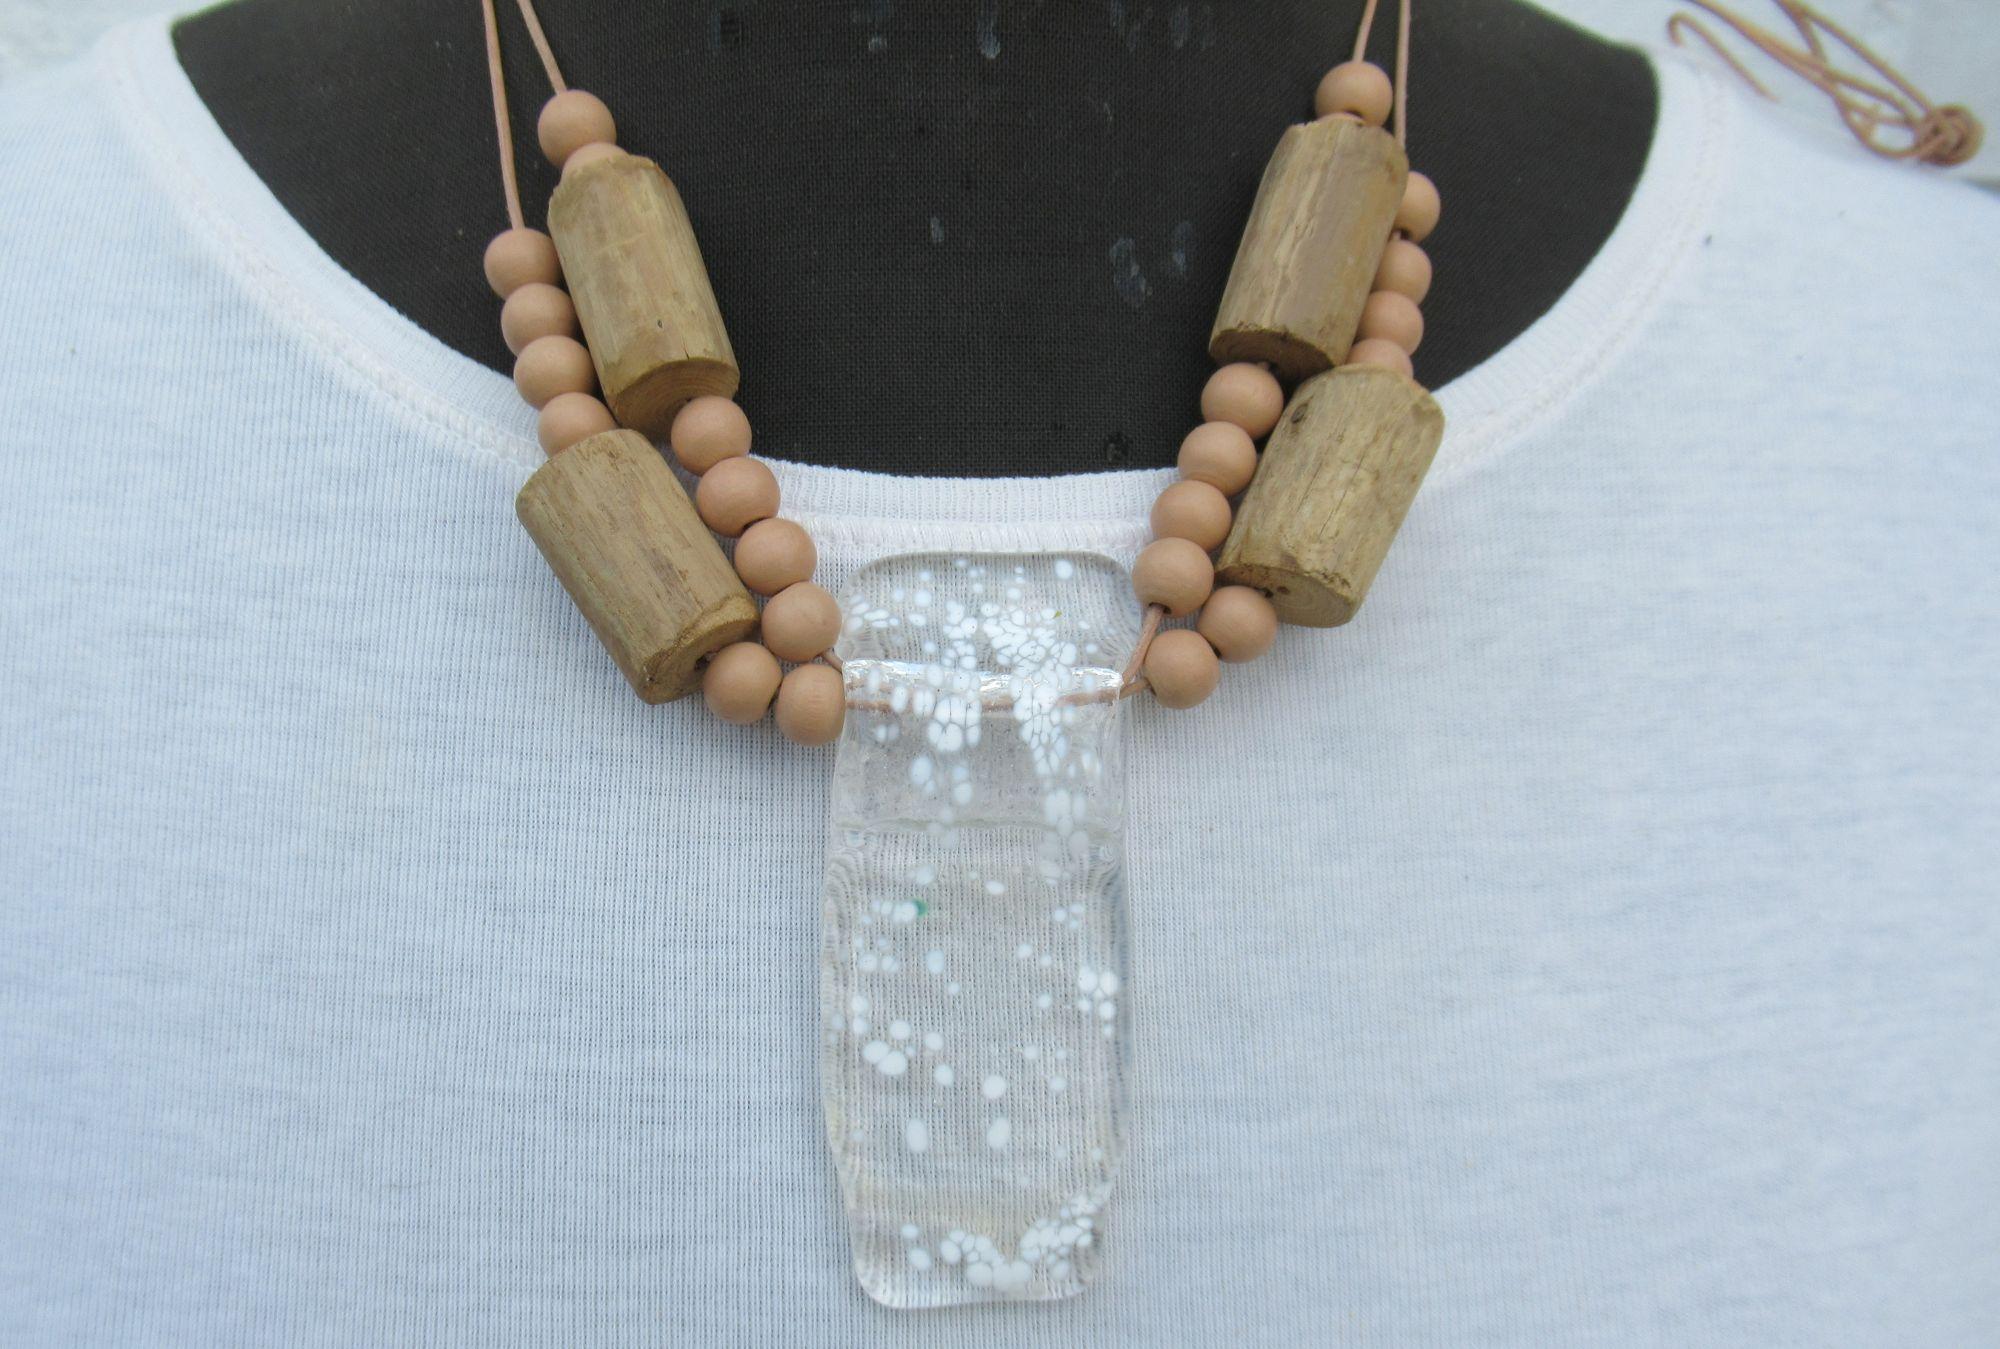 Glaskettenanhänger mit Treibholz und Holzperlen am Lederband, Bastel-Idee